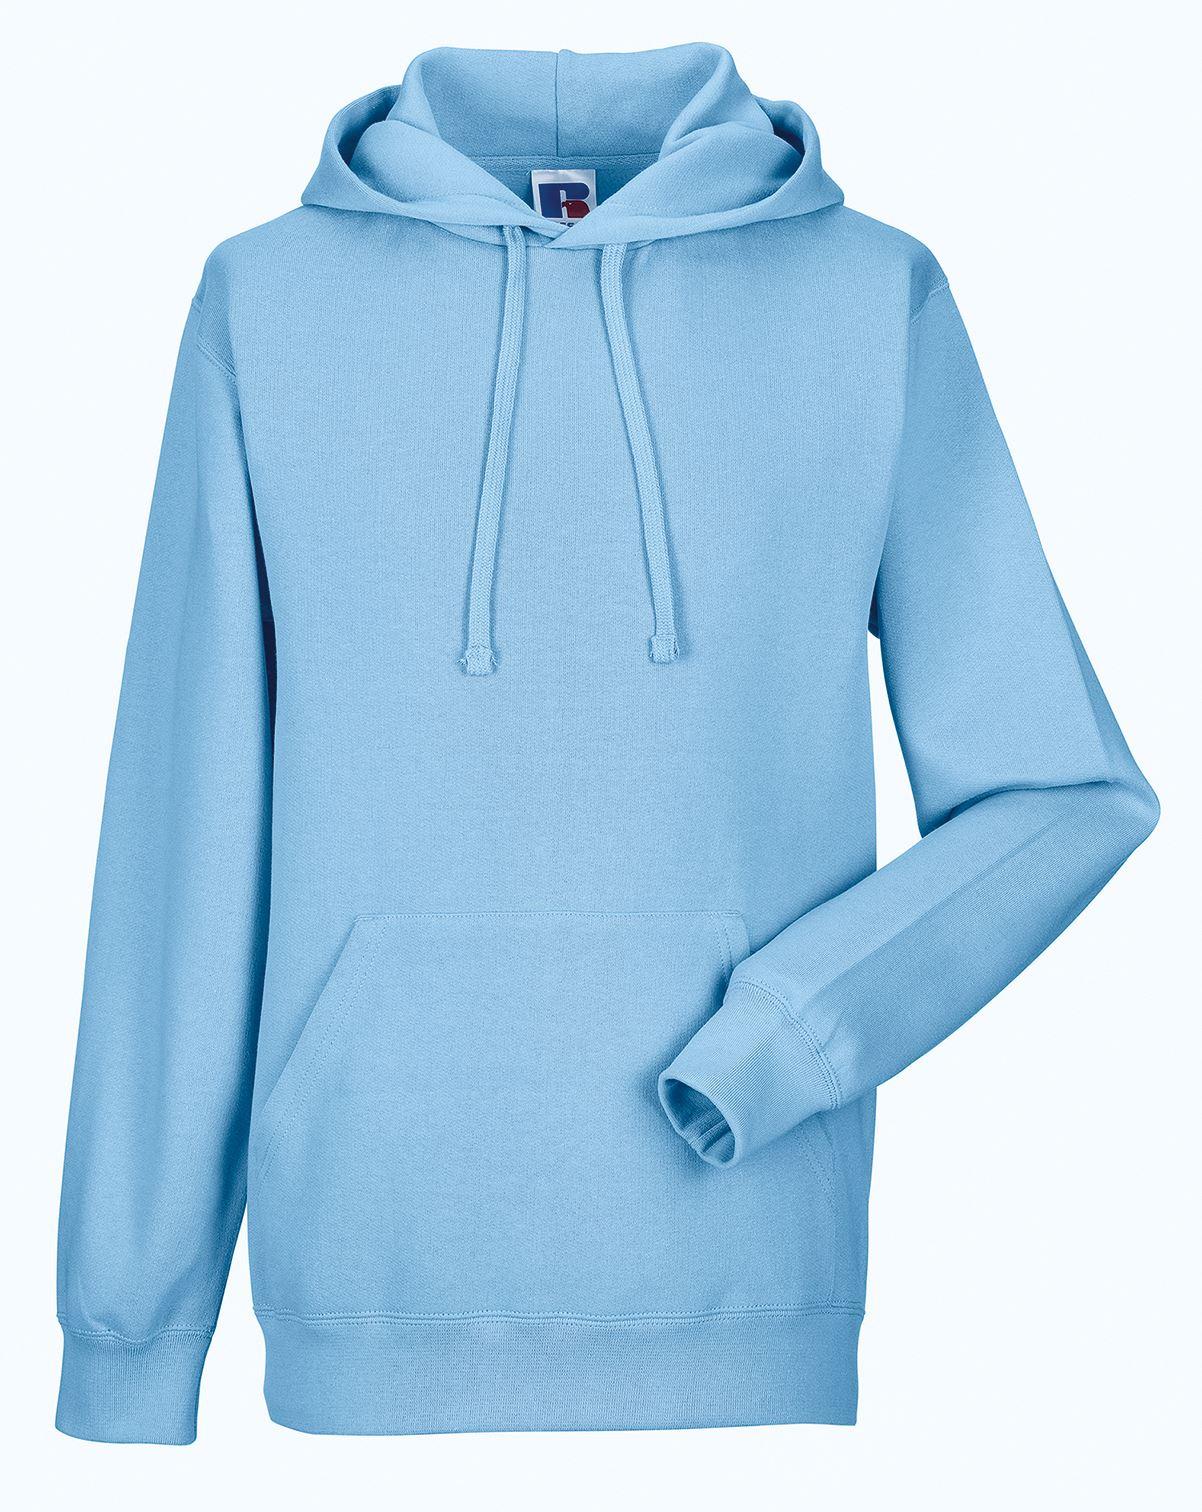 Russell-Mens Sweatshirts & Hoodies-Hooded sweatshirt